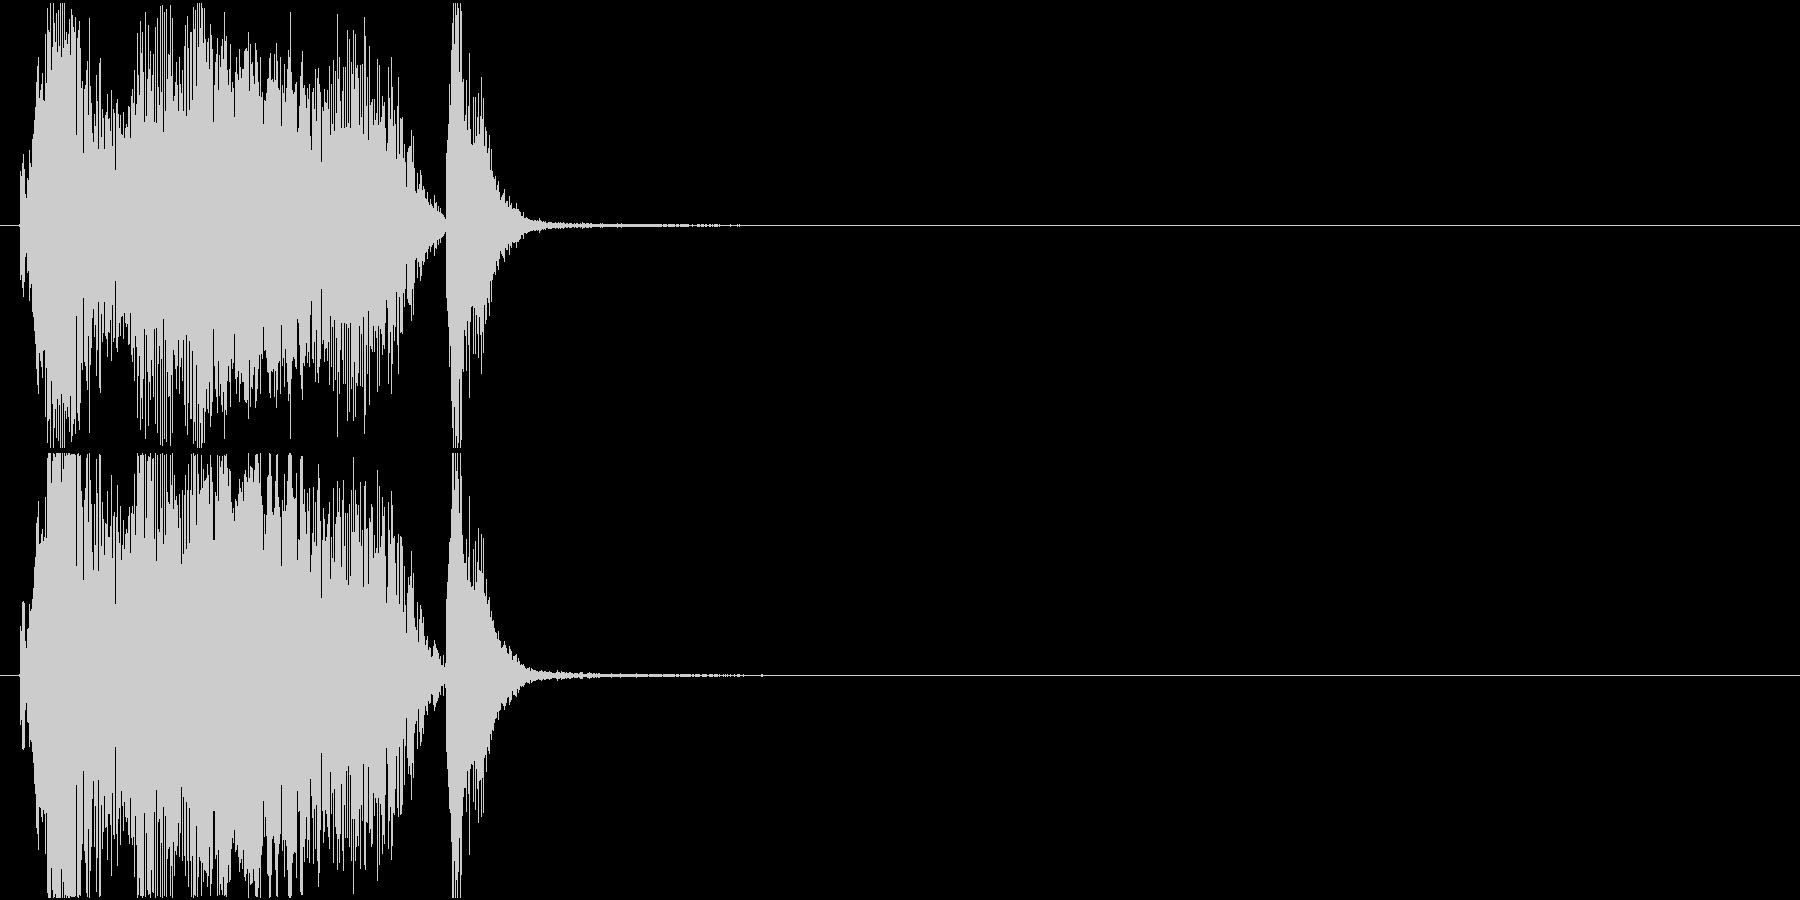 「グレイト」アプリ・ゲーム用の未再生の波形